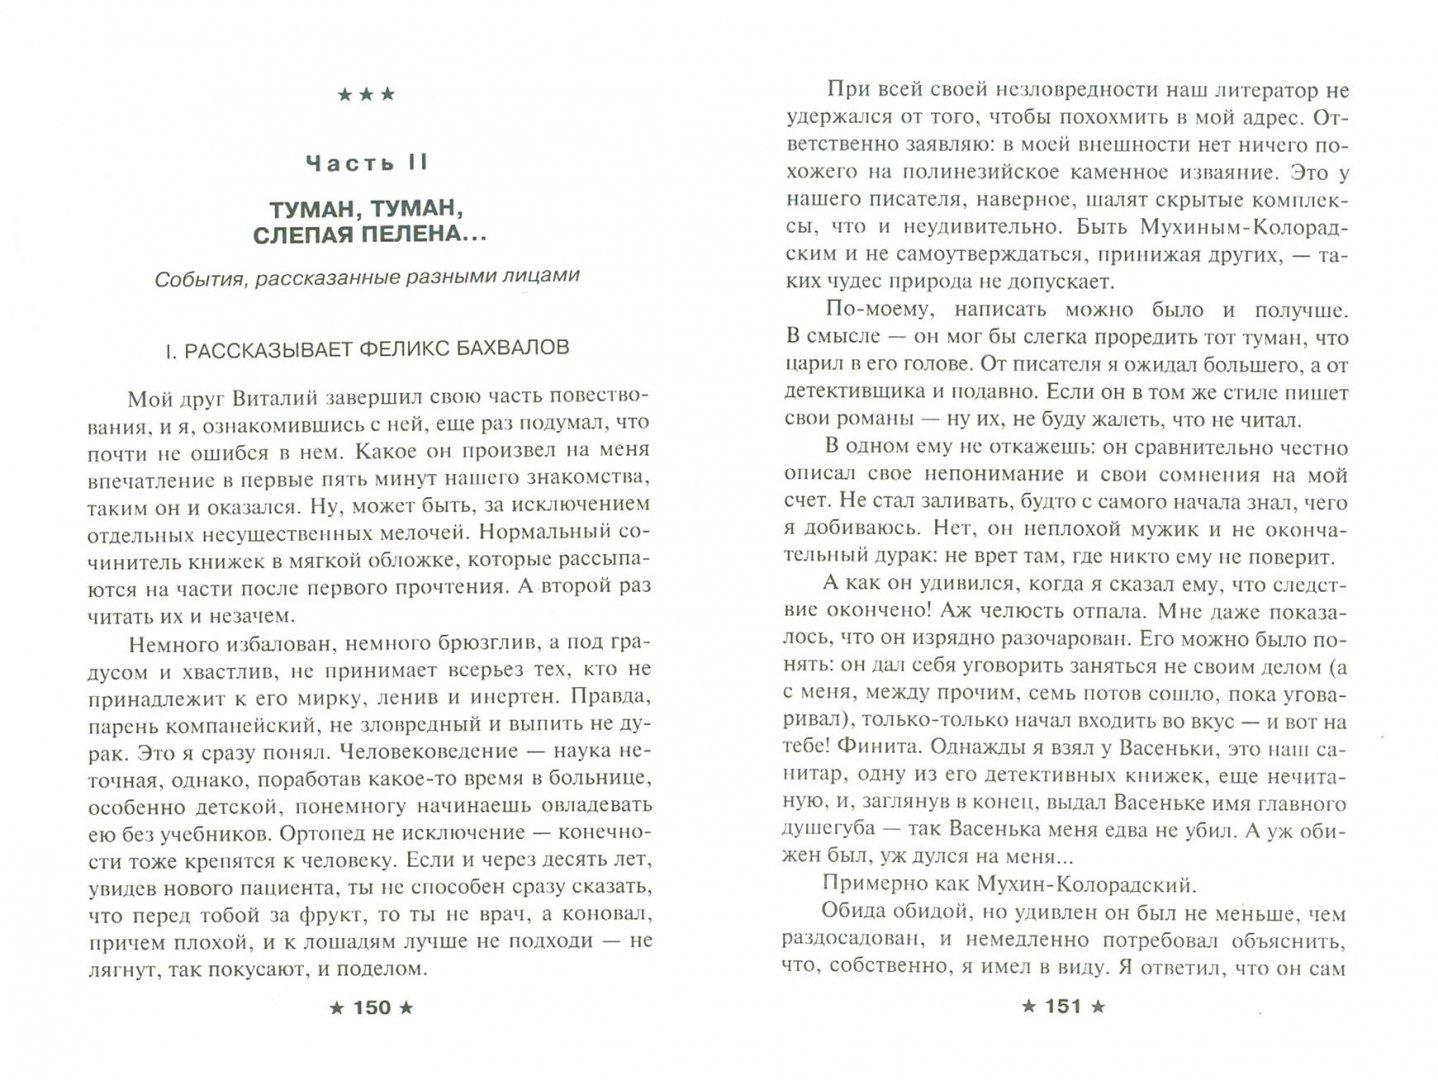 Иллюстрация 1 из 2 для Крылья черепахи - Александр Громов | Лабиринт - книги. Источник: Лабиринт